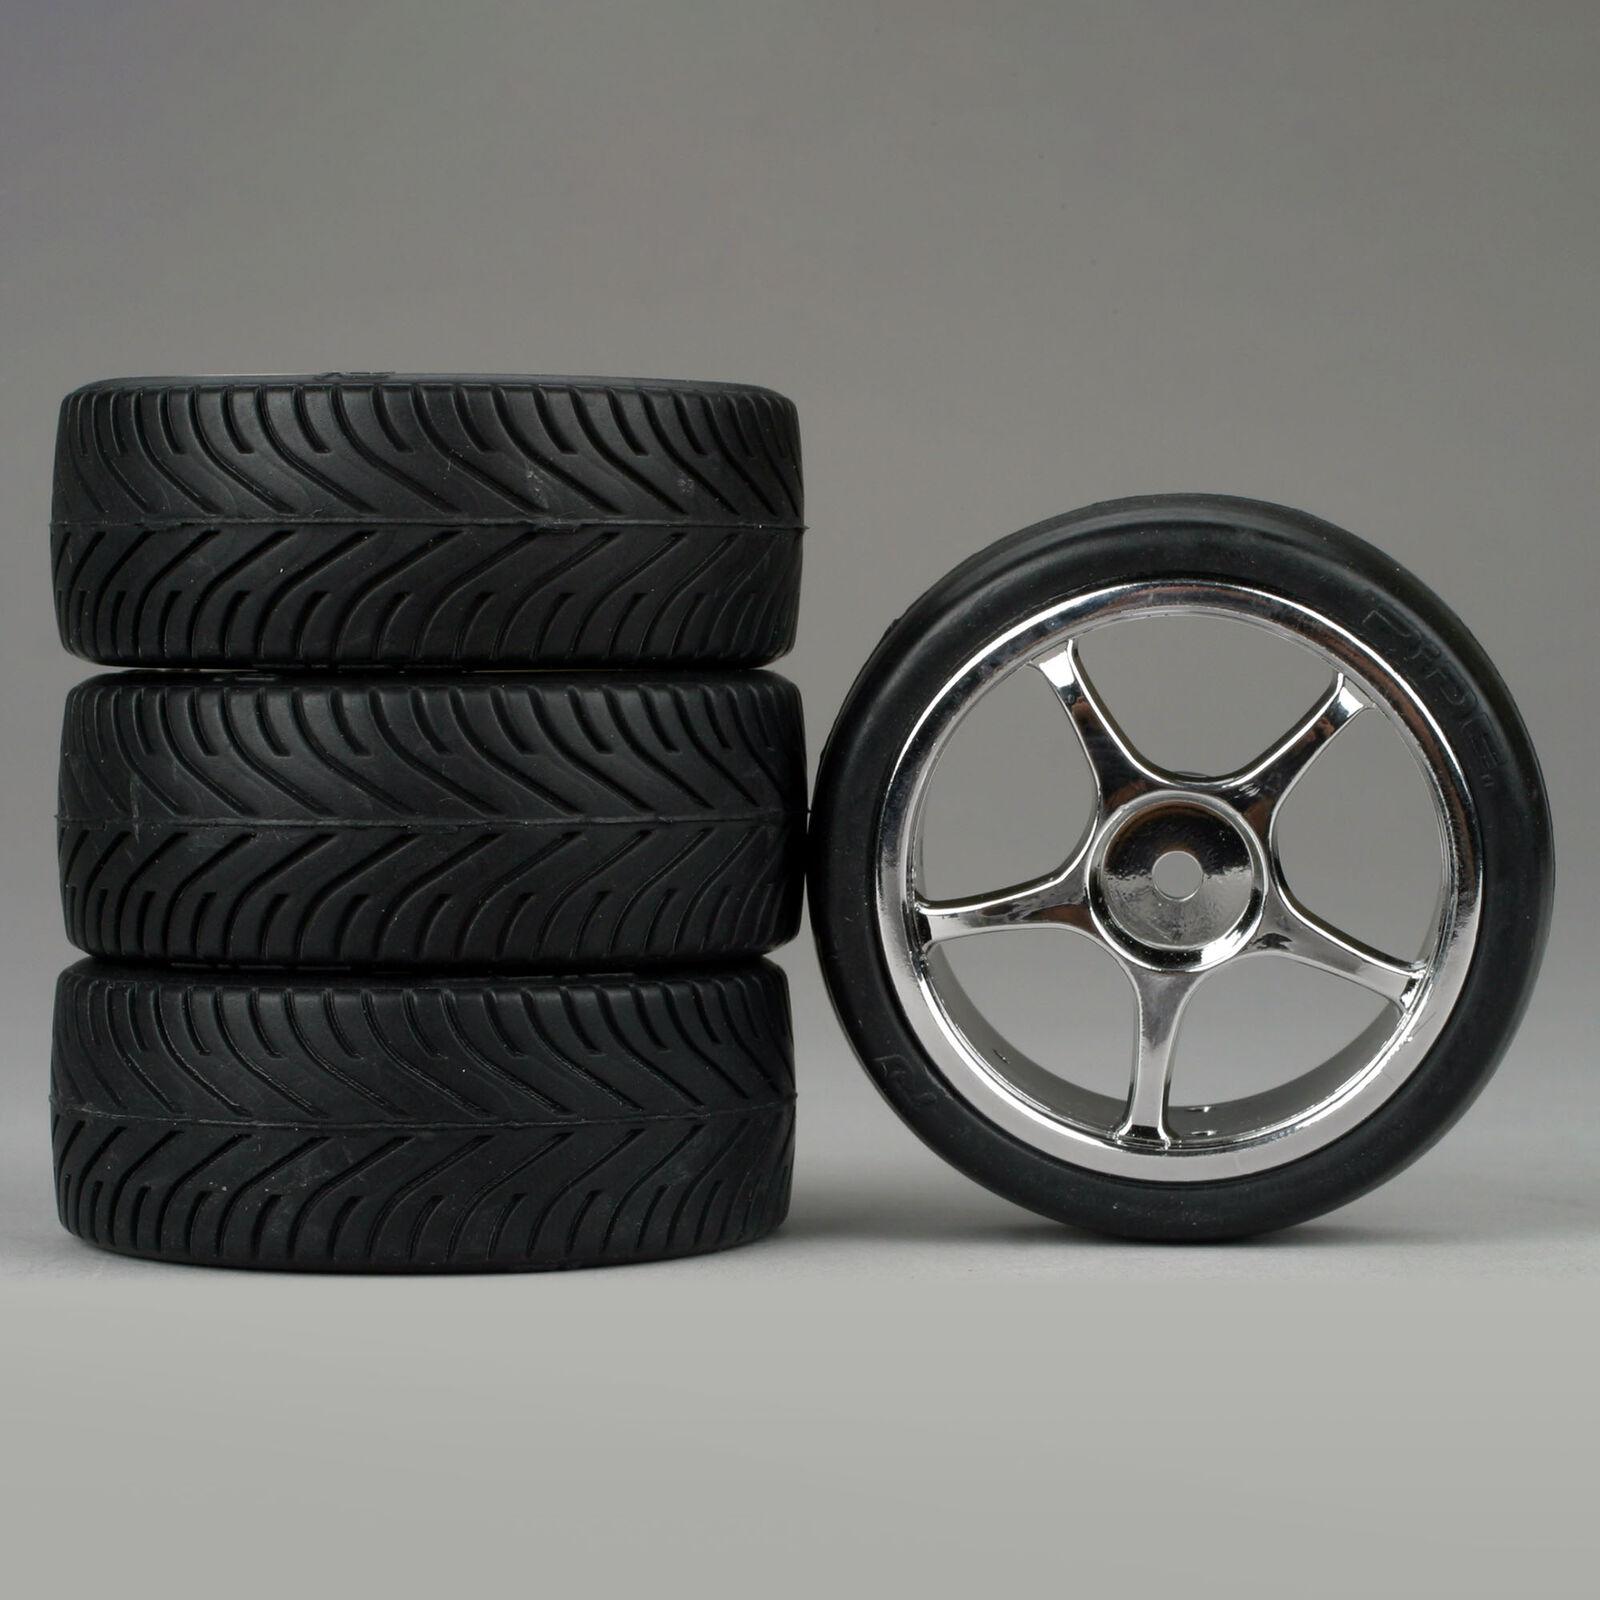 5-Spoke Chrome Wheel, Radial (4)